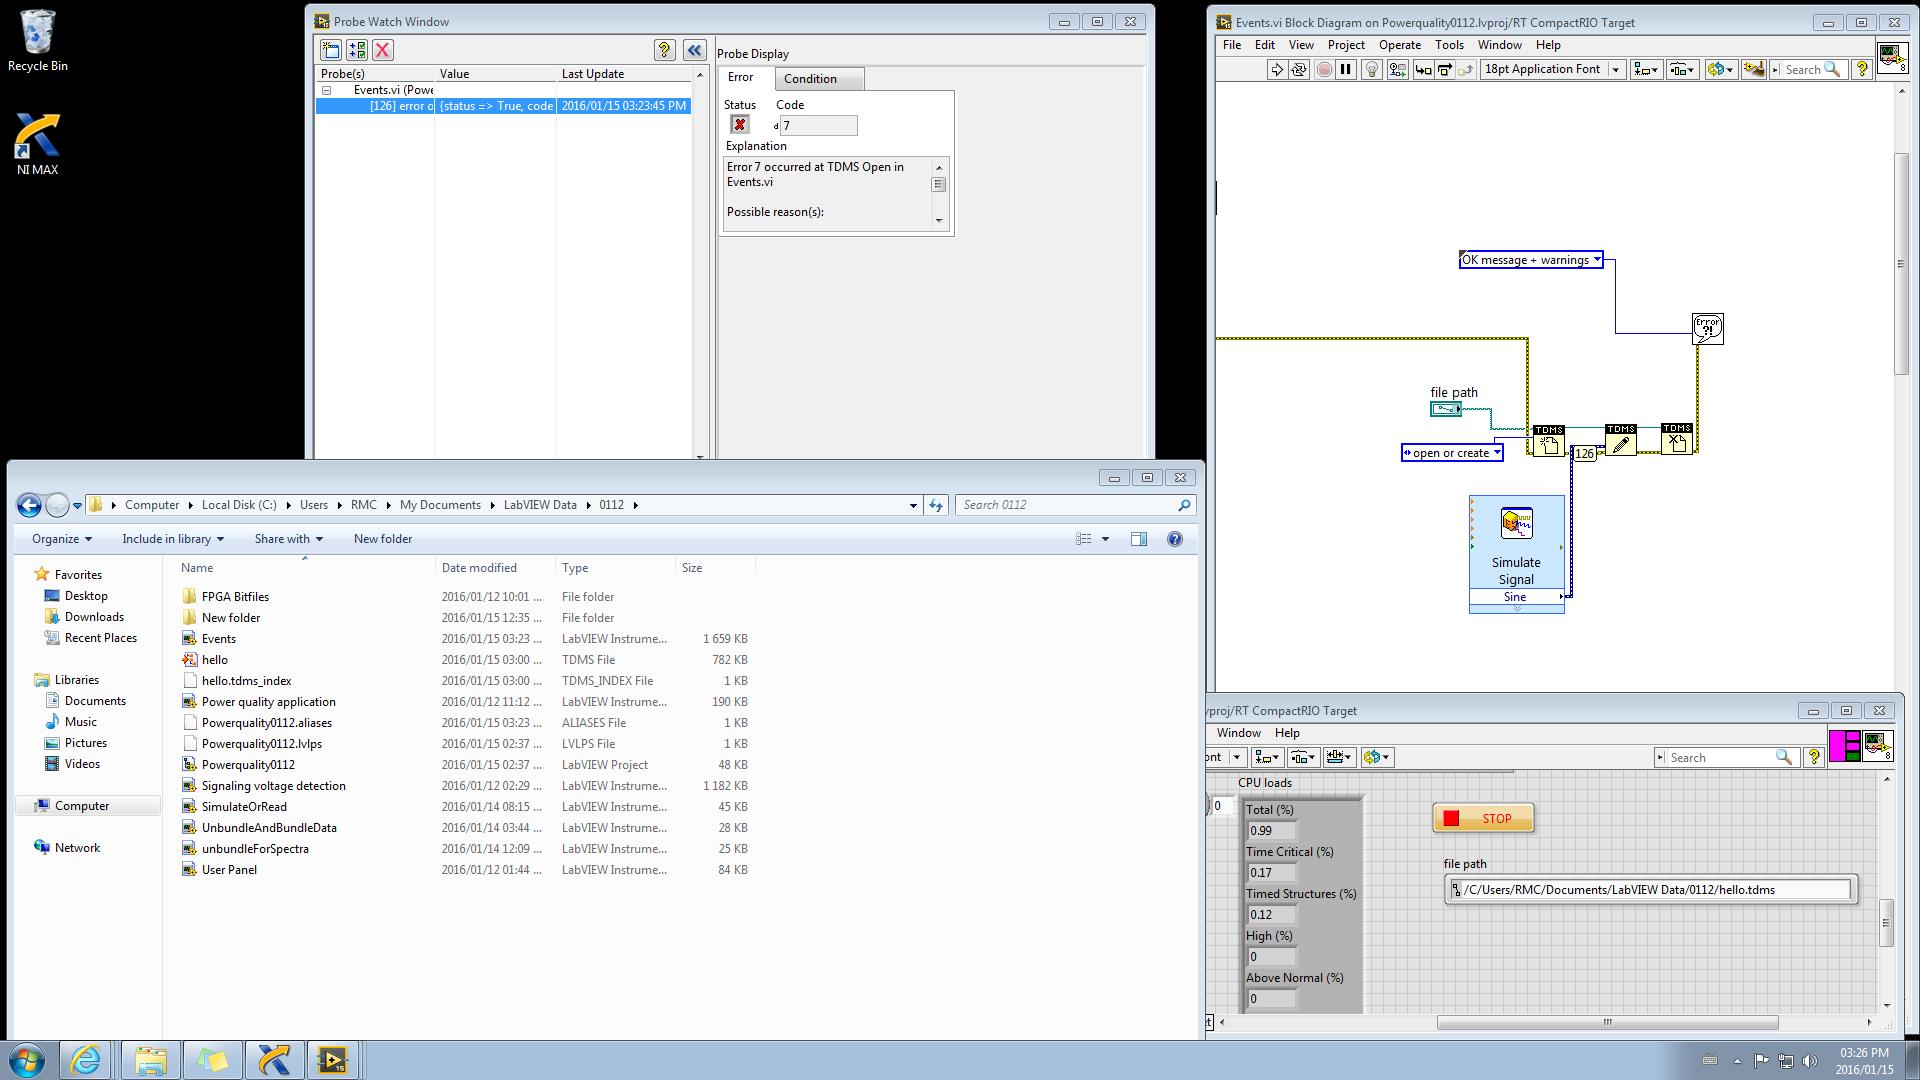 file path screenshot.png